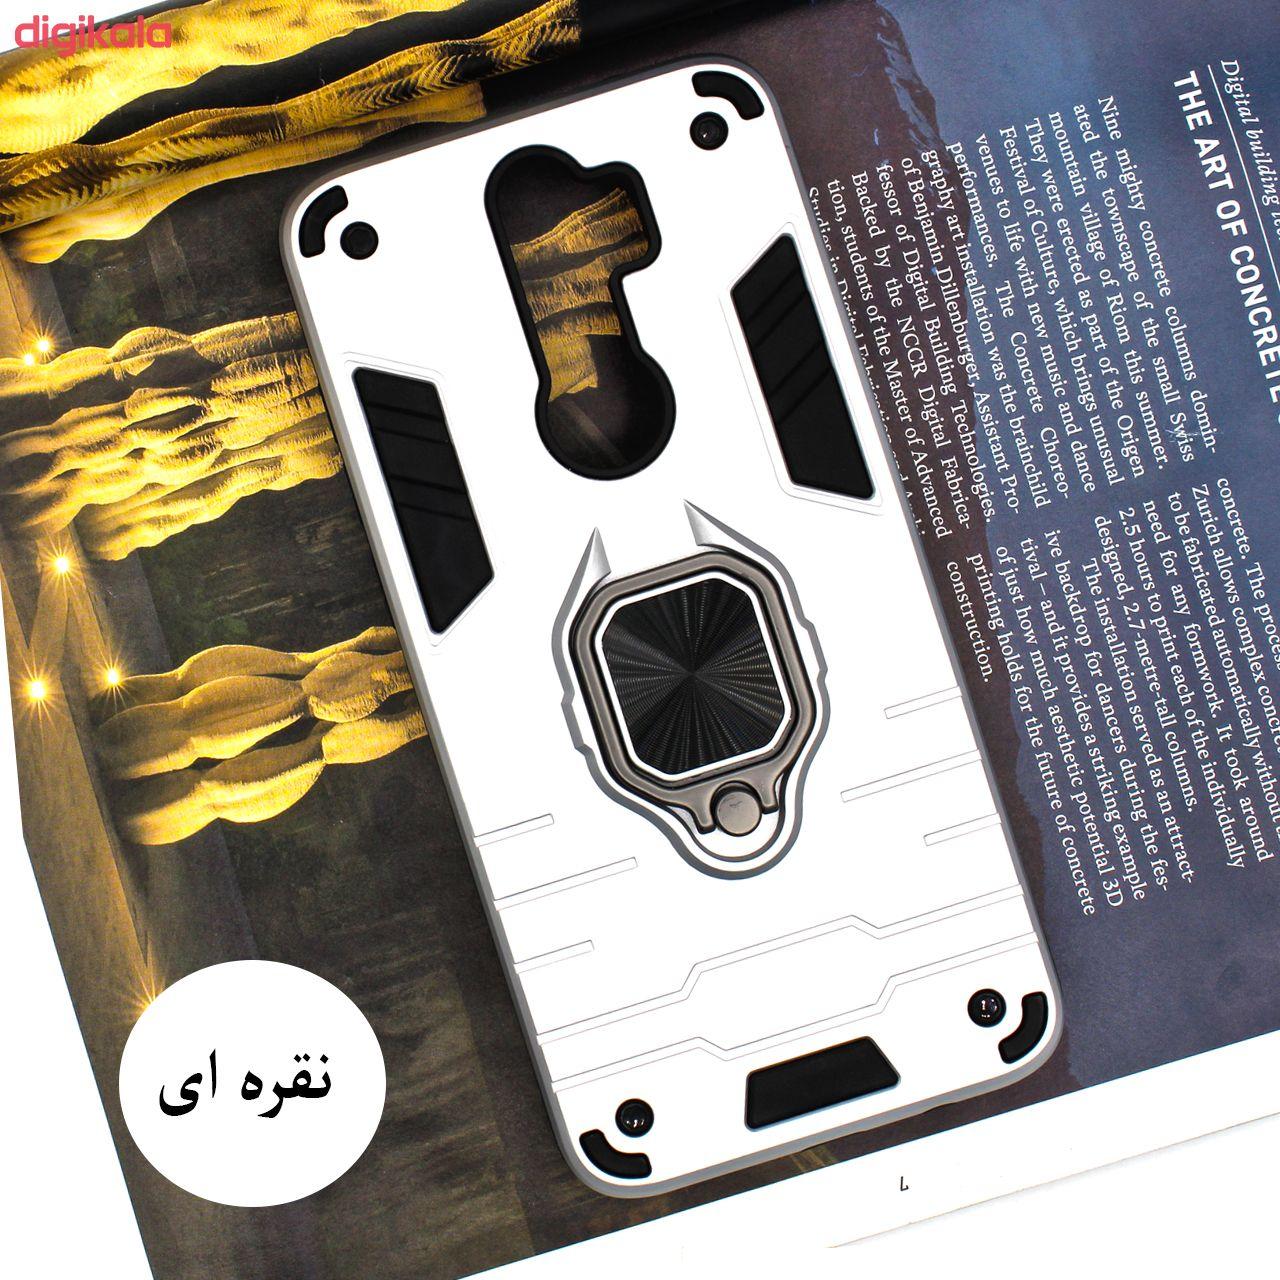 کاور کینگ پاور مدل ASH22 مناسب برای گوشی موبایل شیائومی Redmi Note 8 Pro main 1 11